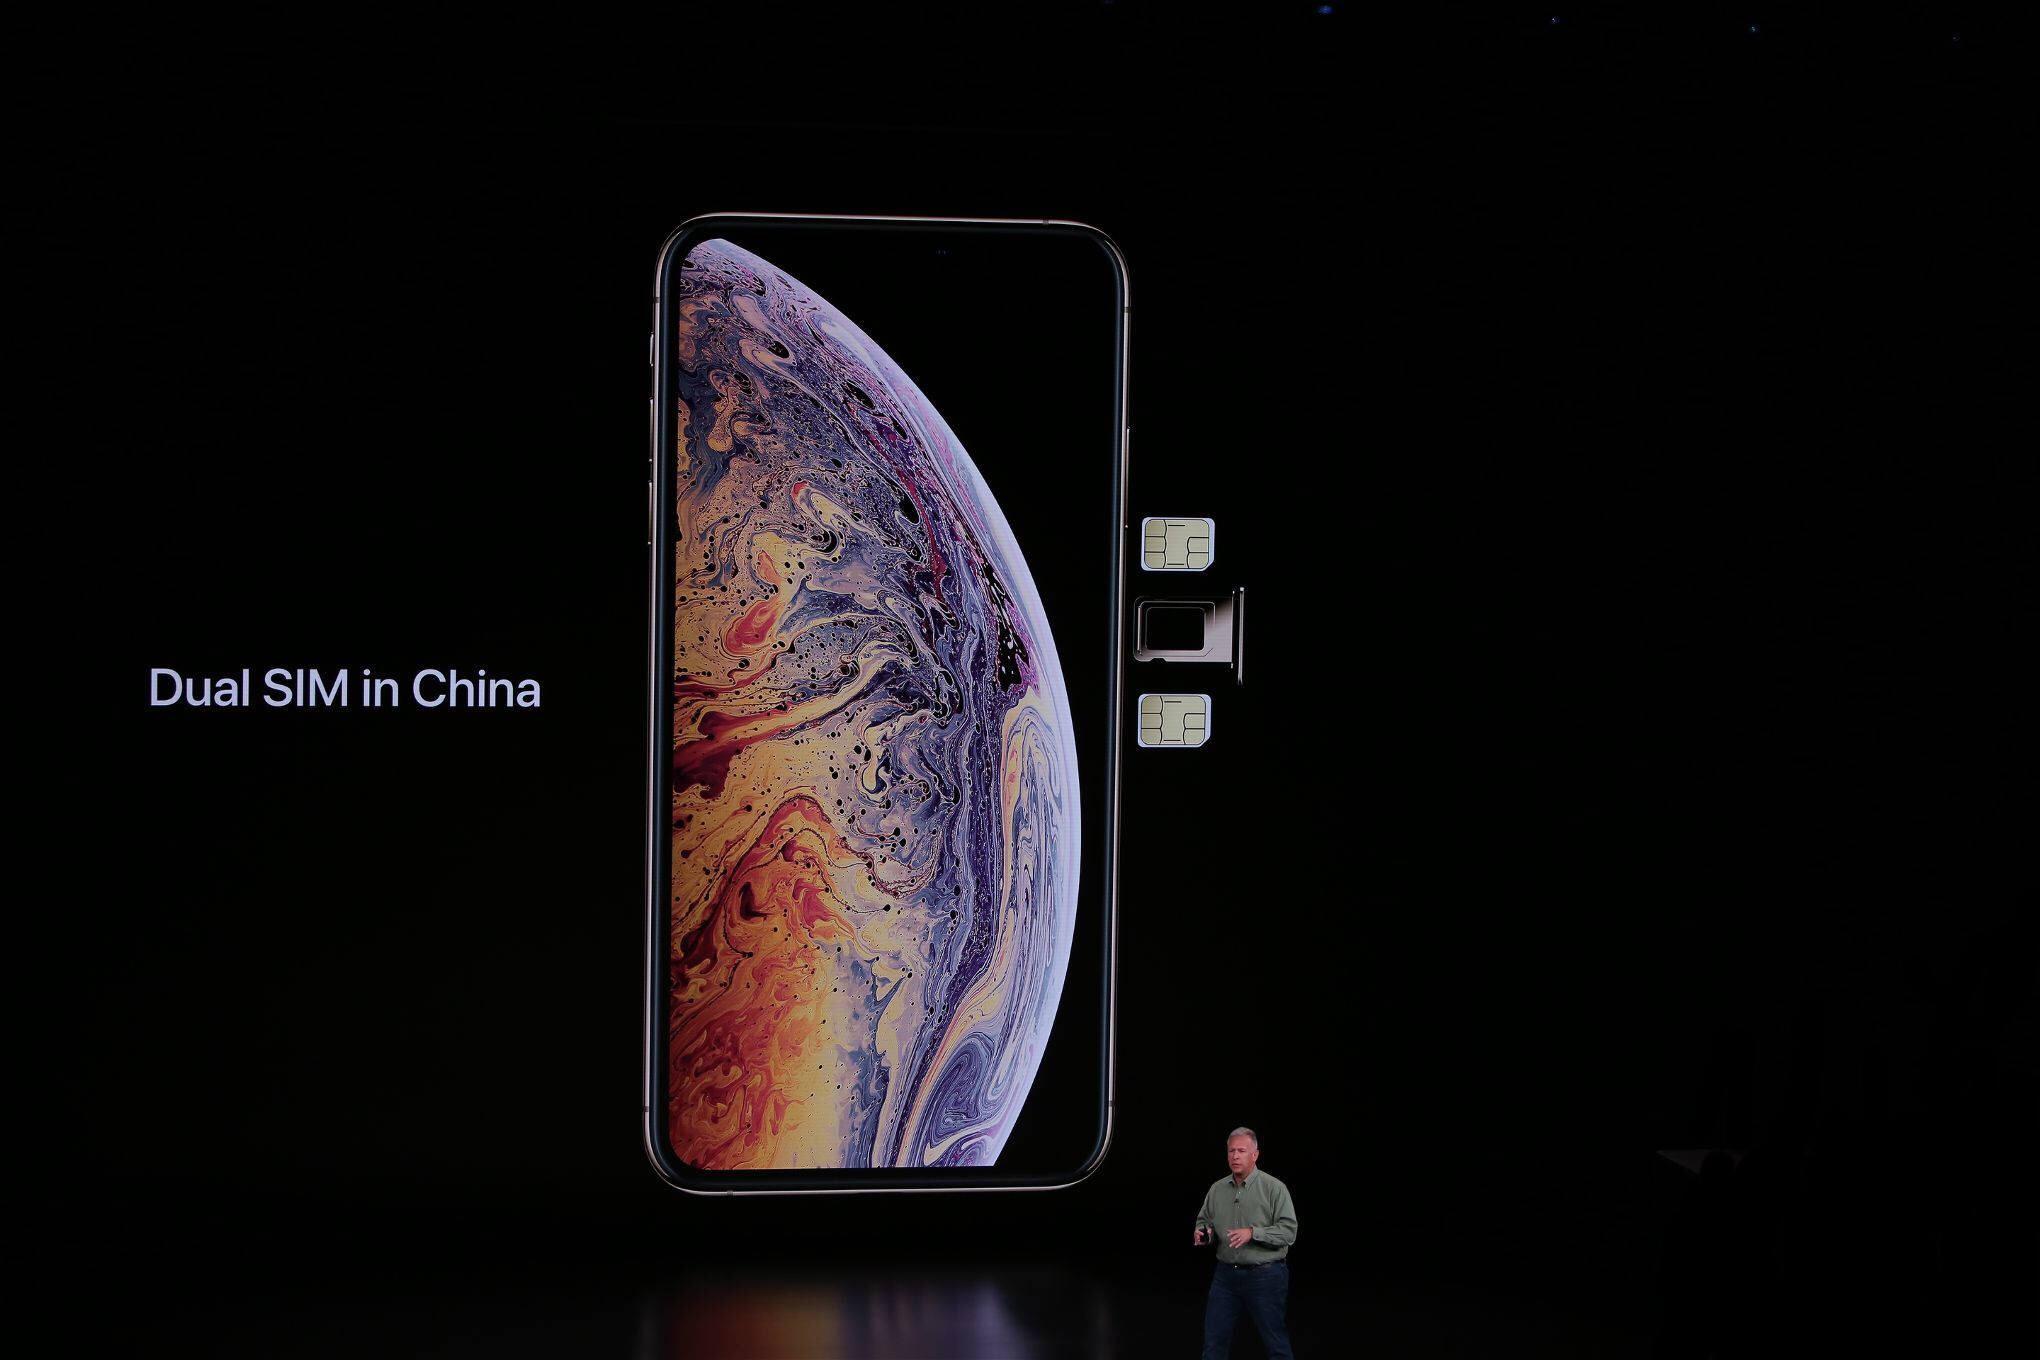 一文看懂2018苹果秋季新品发布会 新款iPhone Xs售价破万的照片 - 10